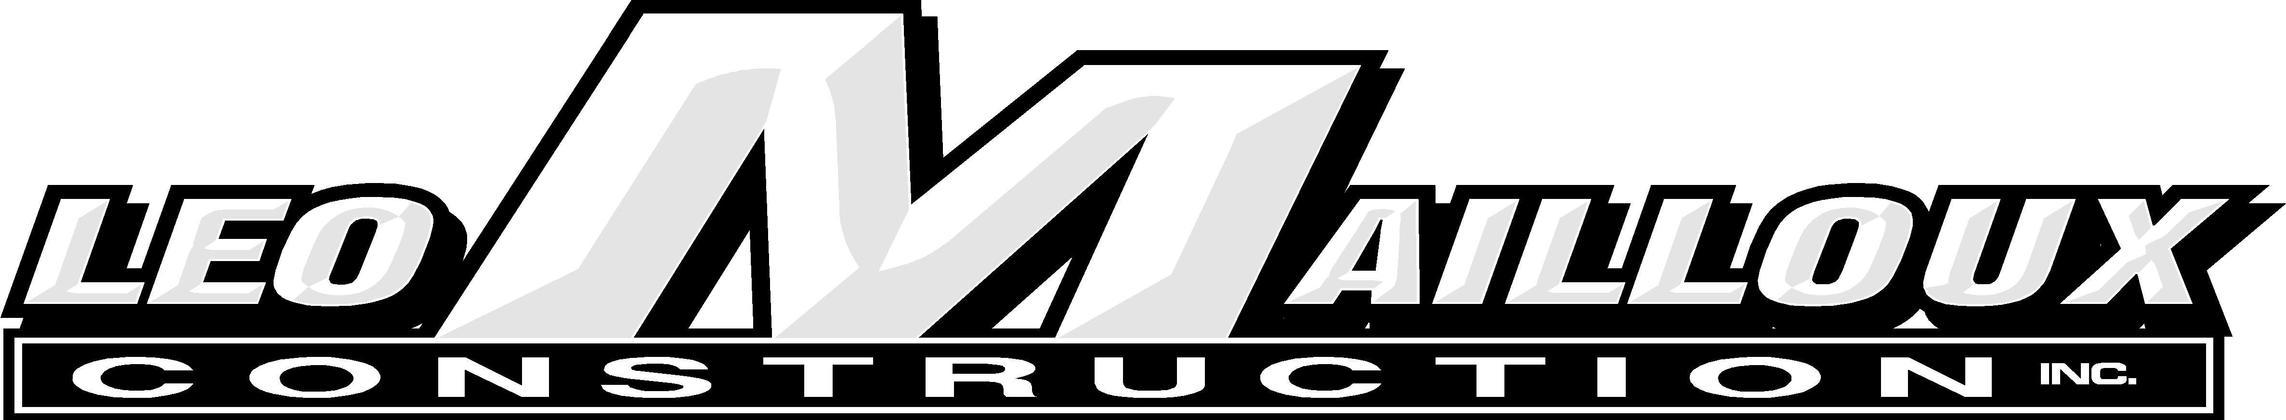 L. Mailloux Construction (2000) Inc.